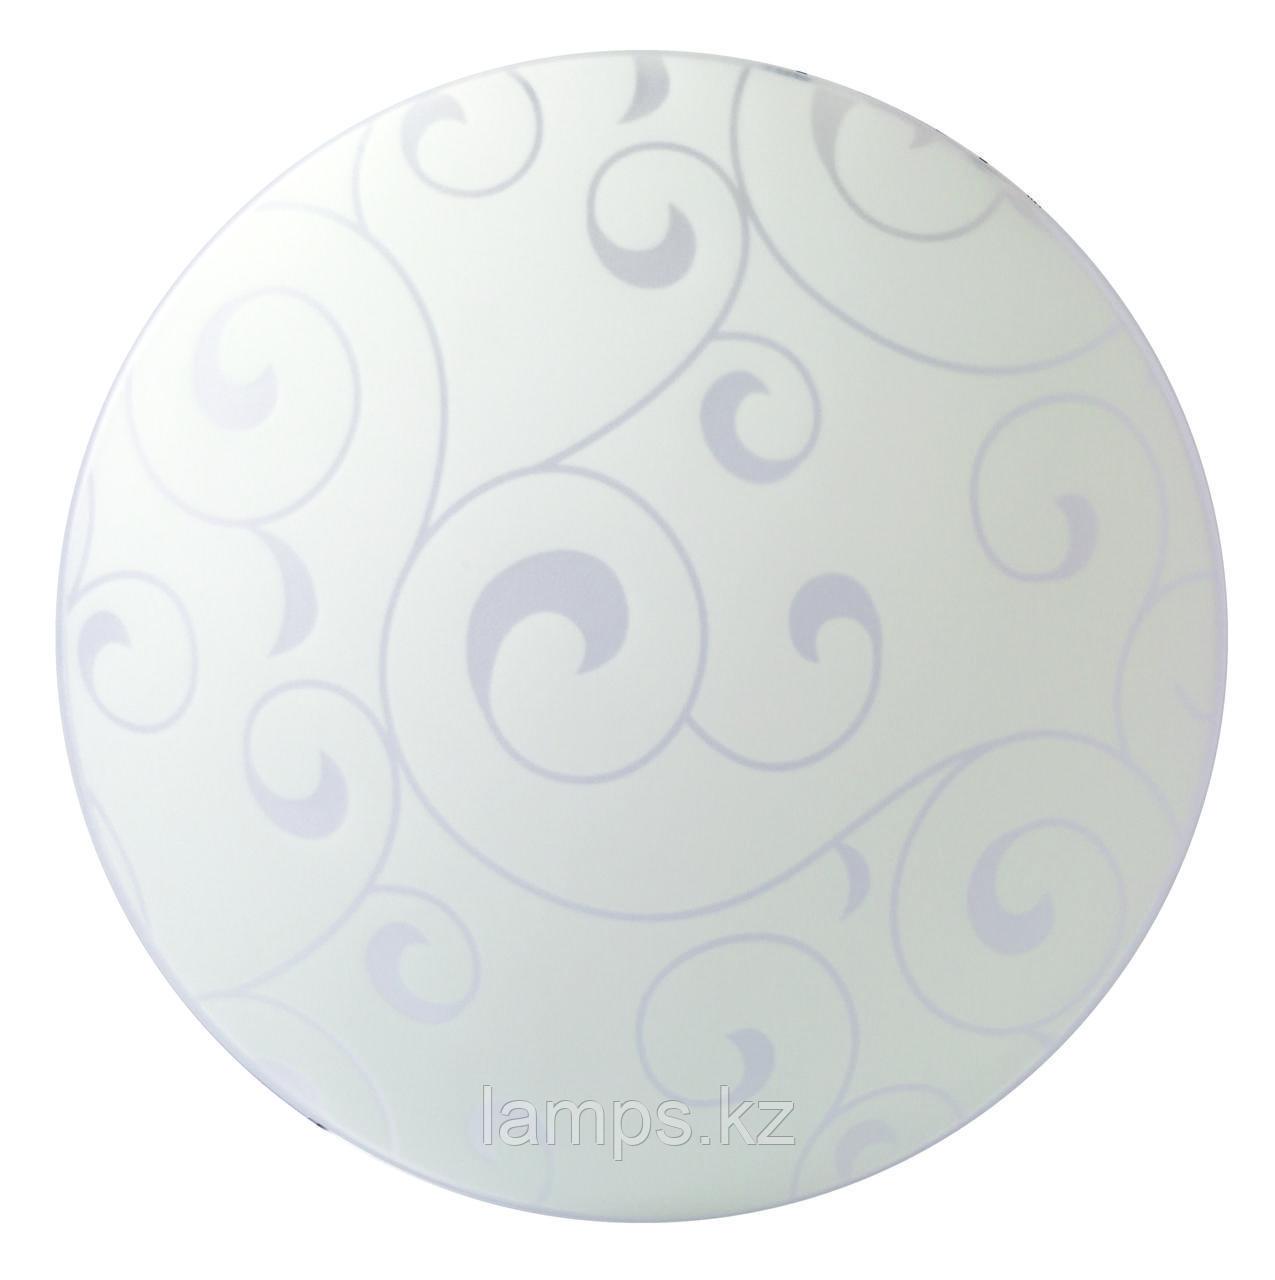 Настенно-потолочный светодиодный светильник MOTIF-30 8 041-1